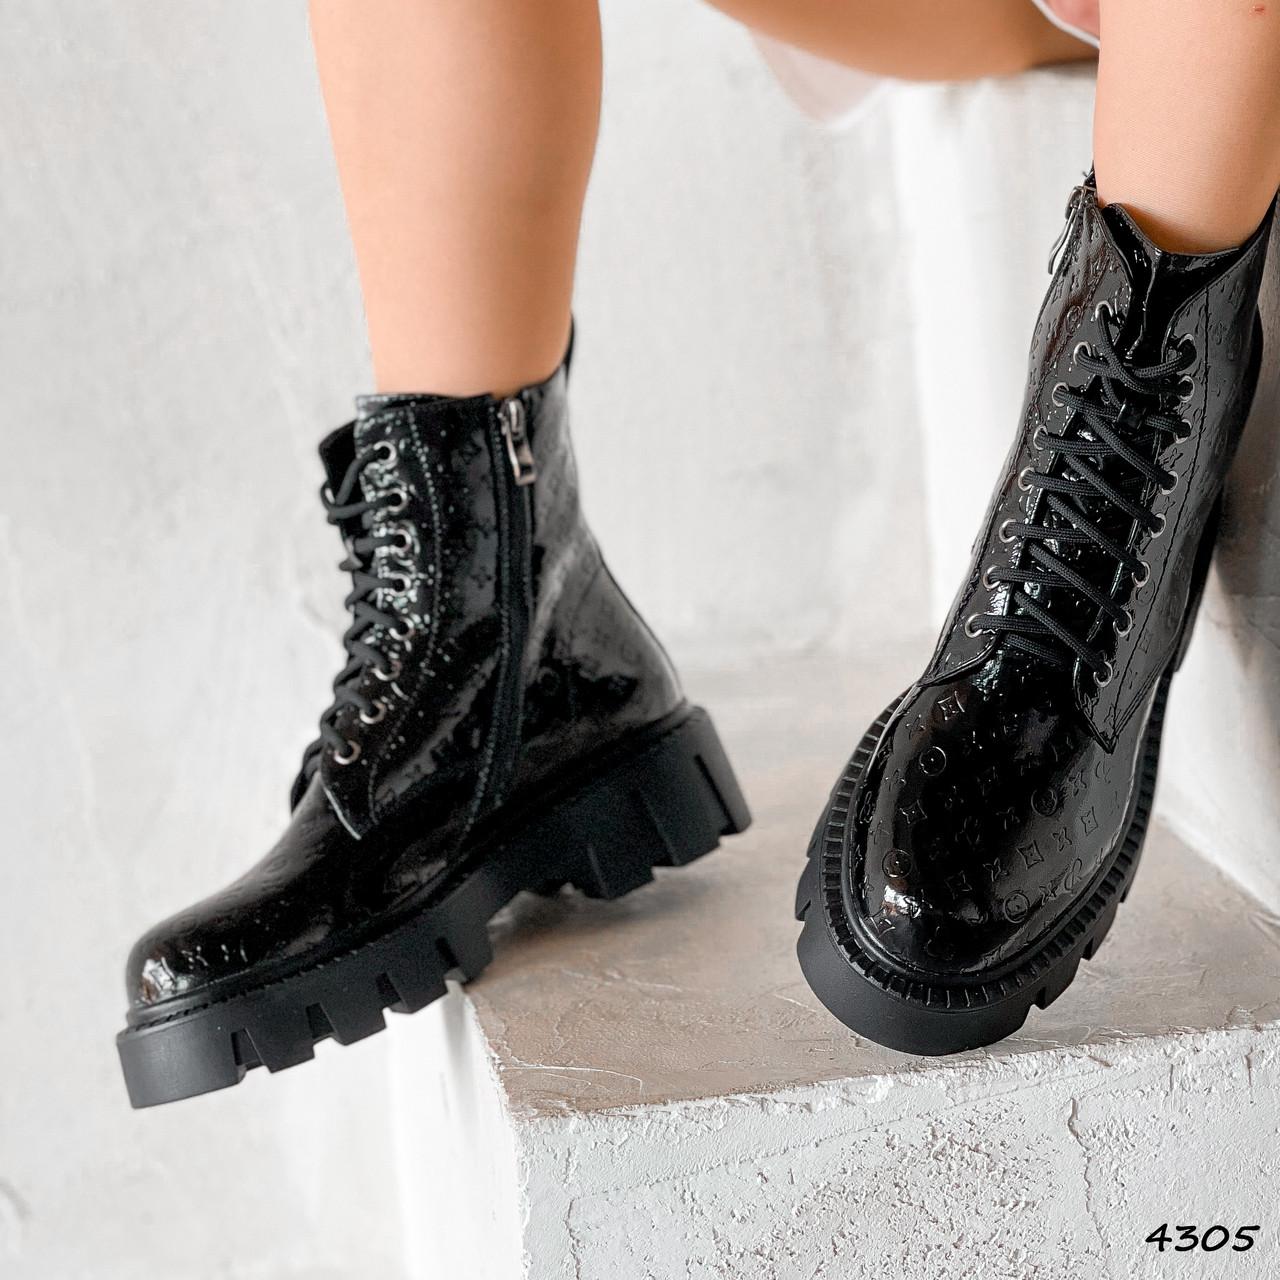 Ботинки женские Louis черные 4305 лак ДЕМИ